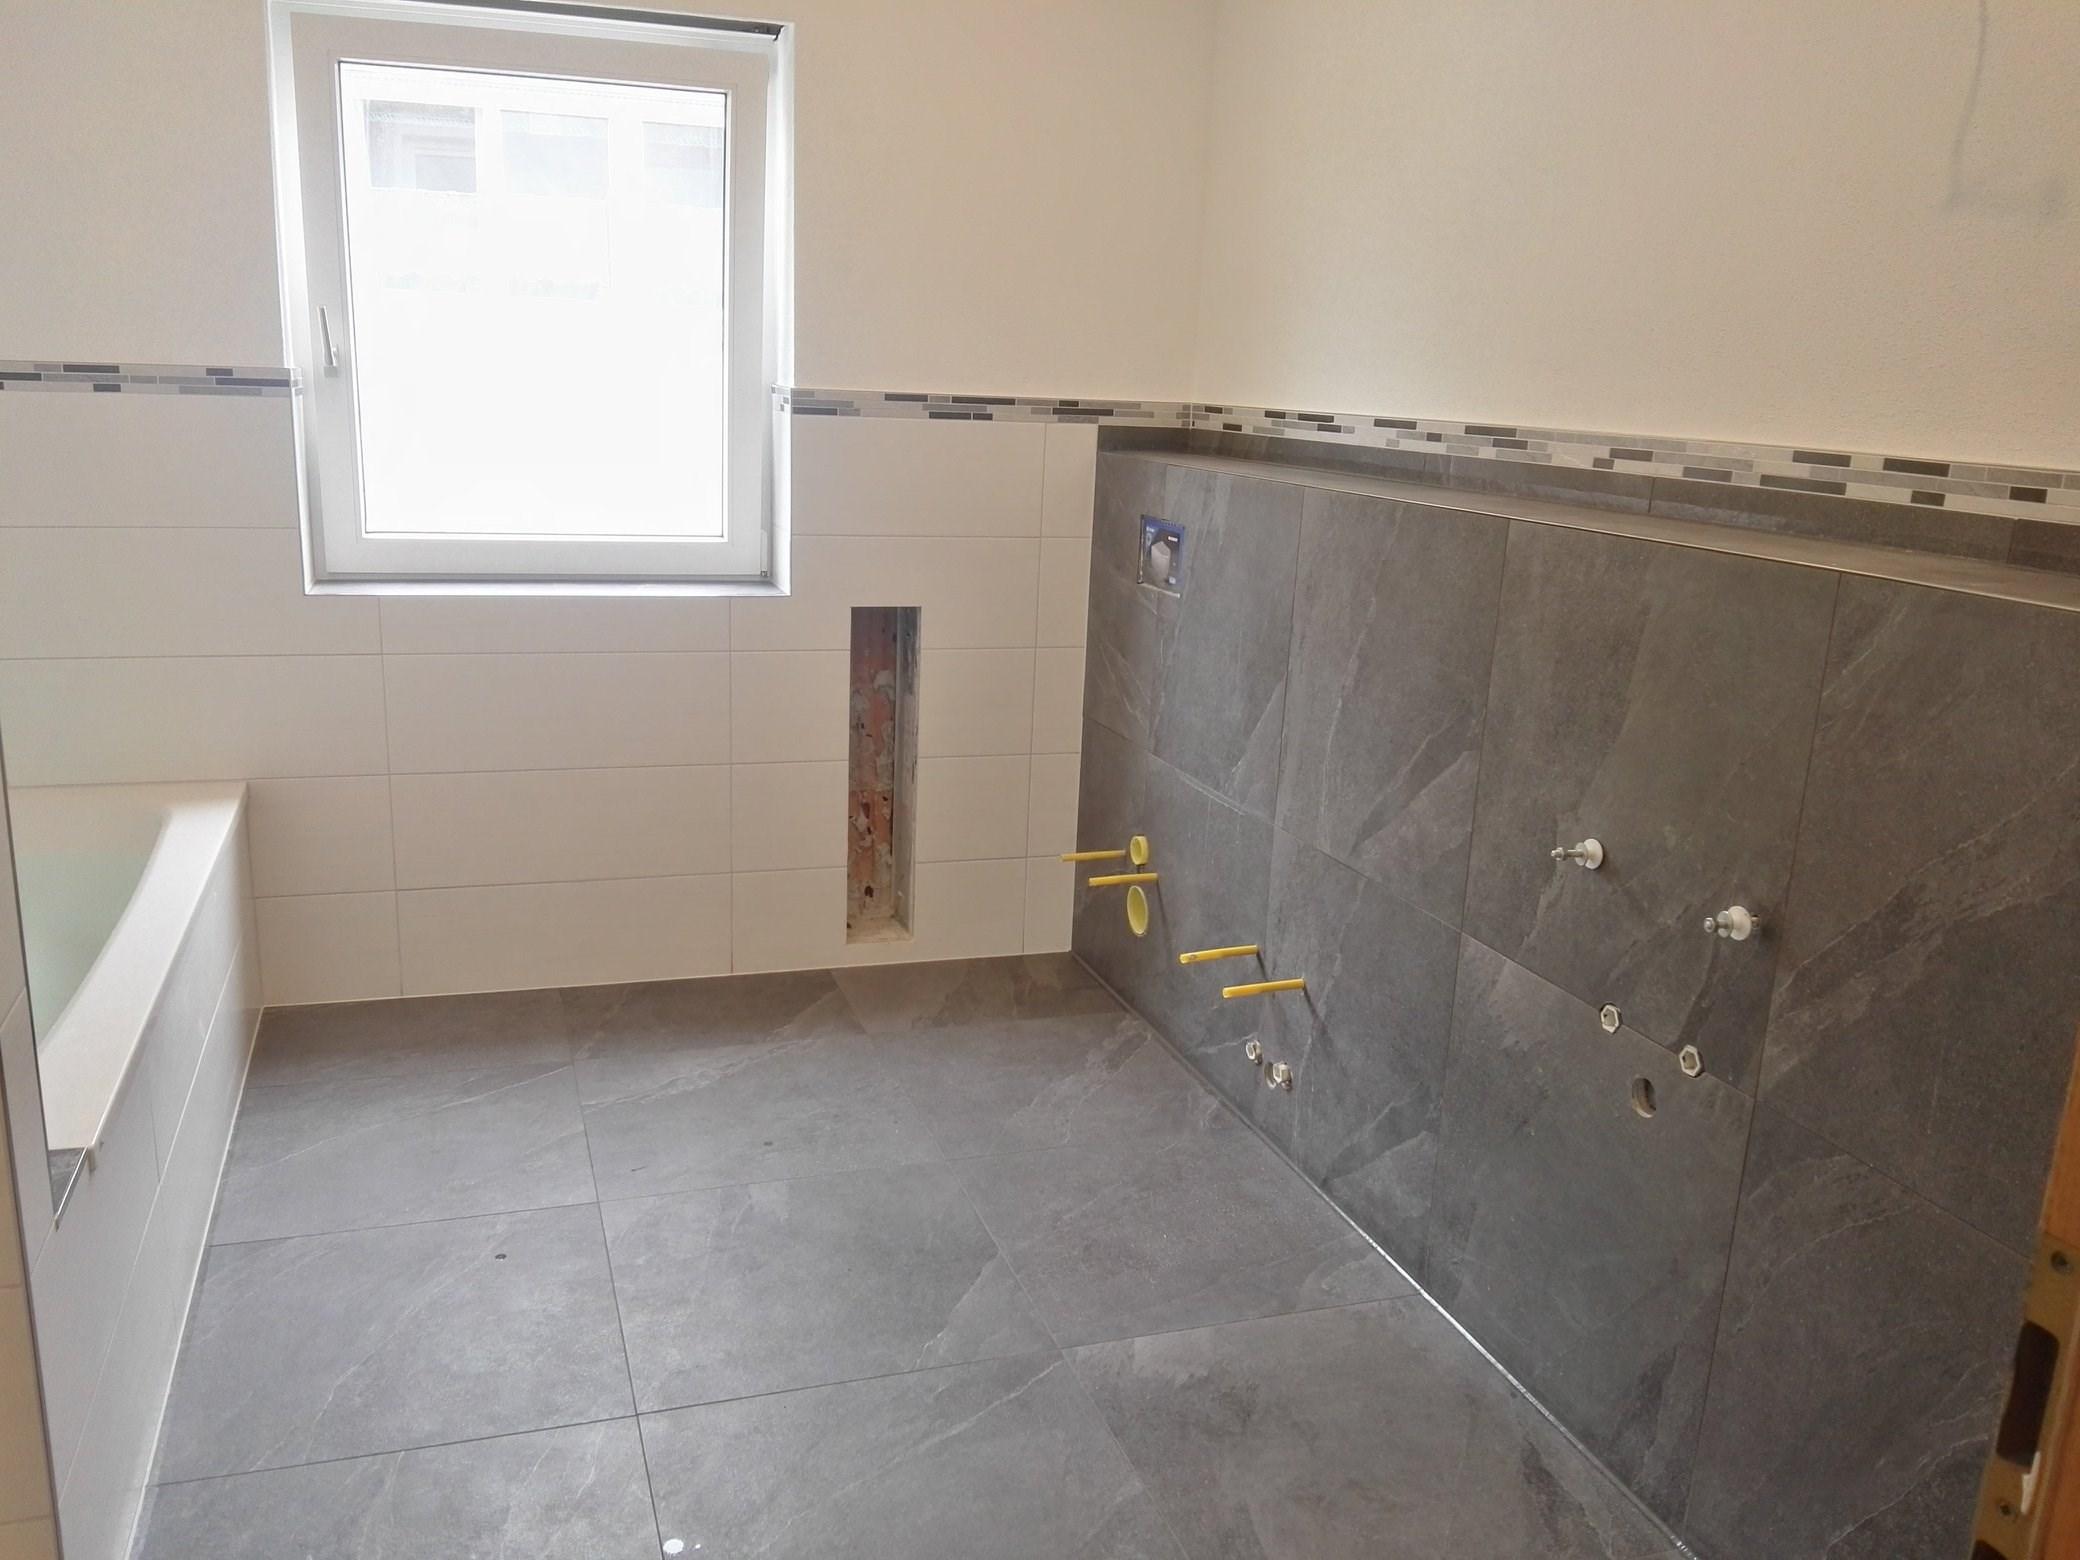 Łazienka, adaptacja, remont